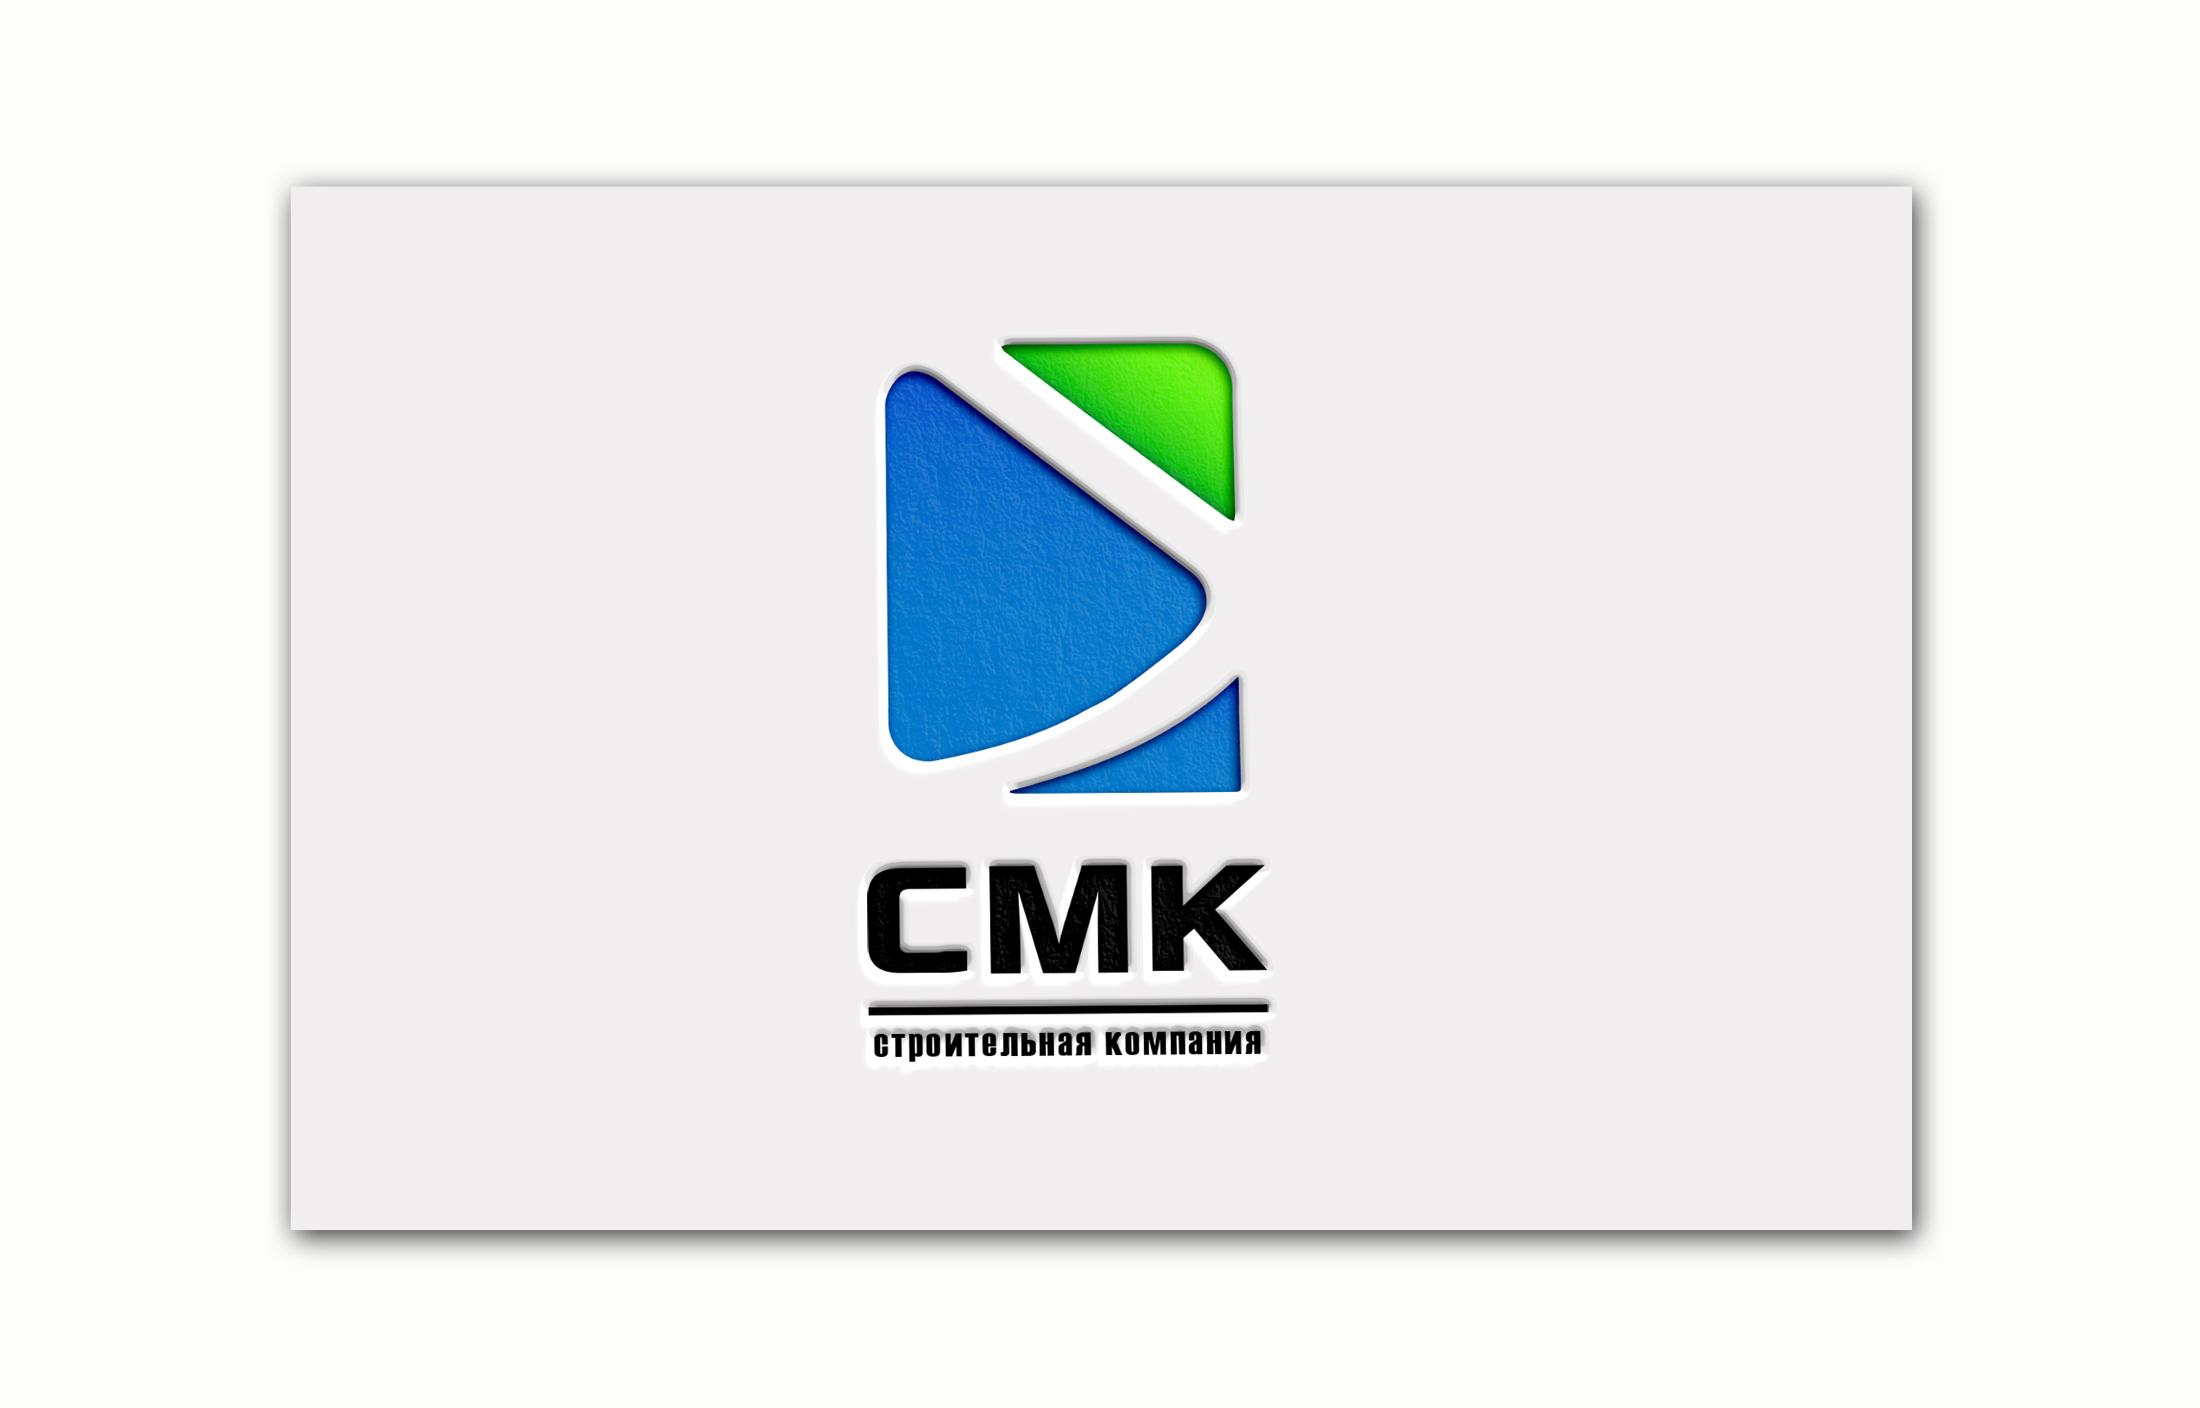 Разработка логотипа компании фото f_5625de28f8b25497.jpg